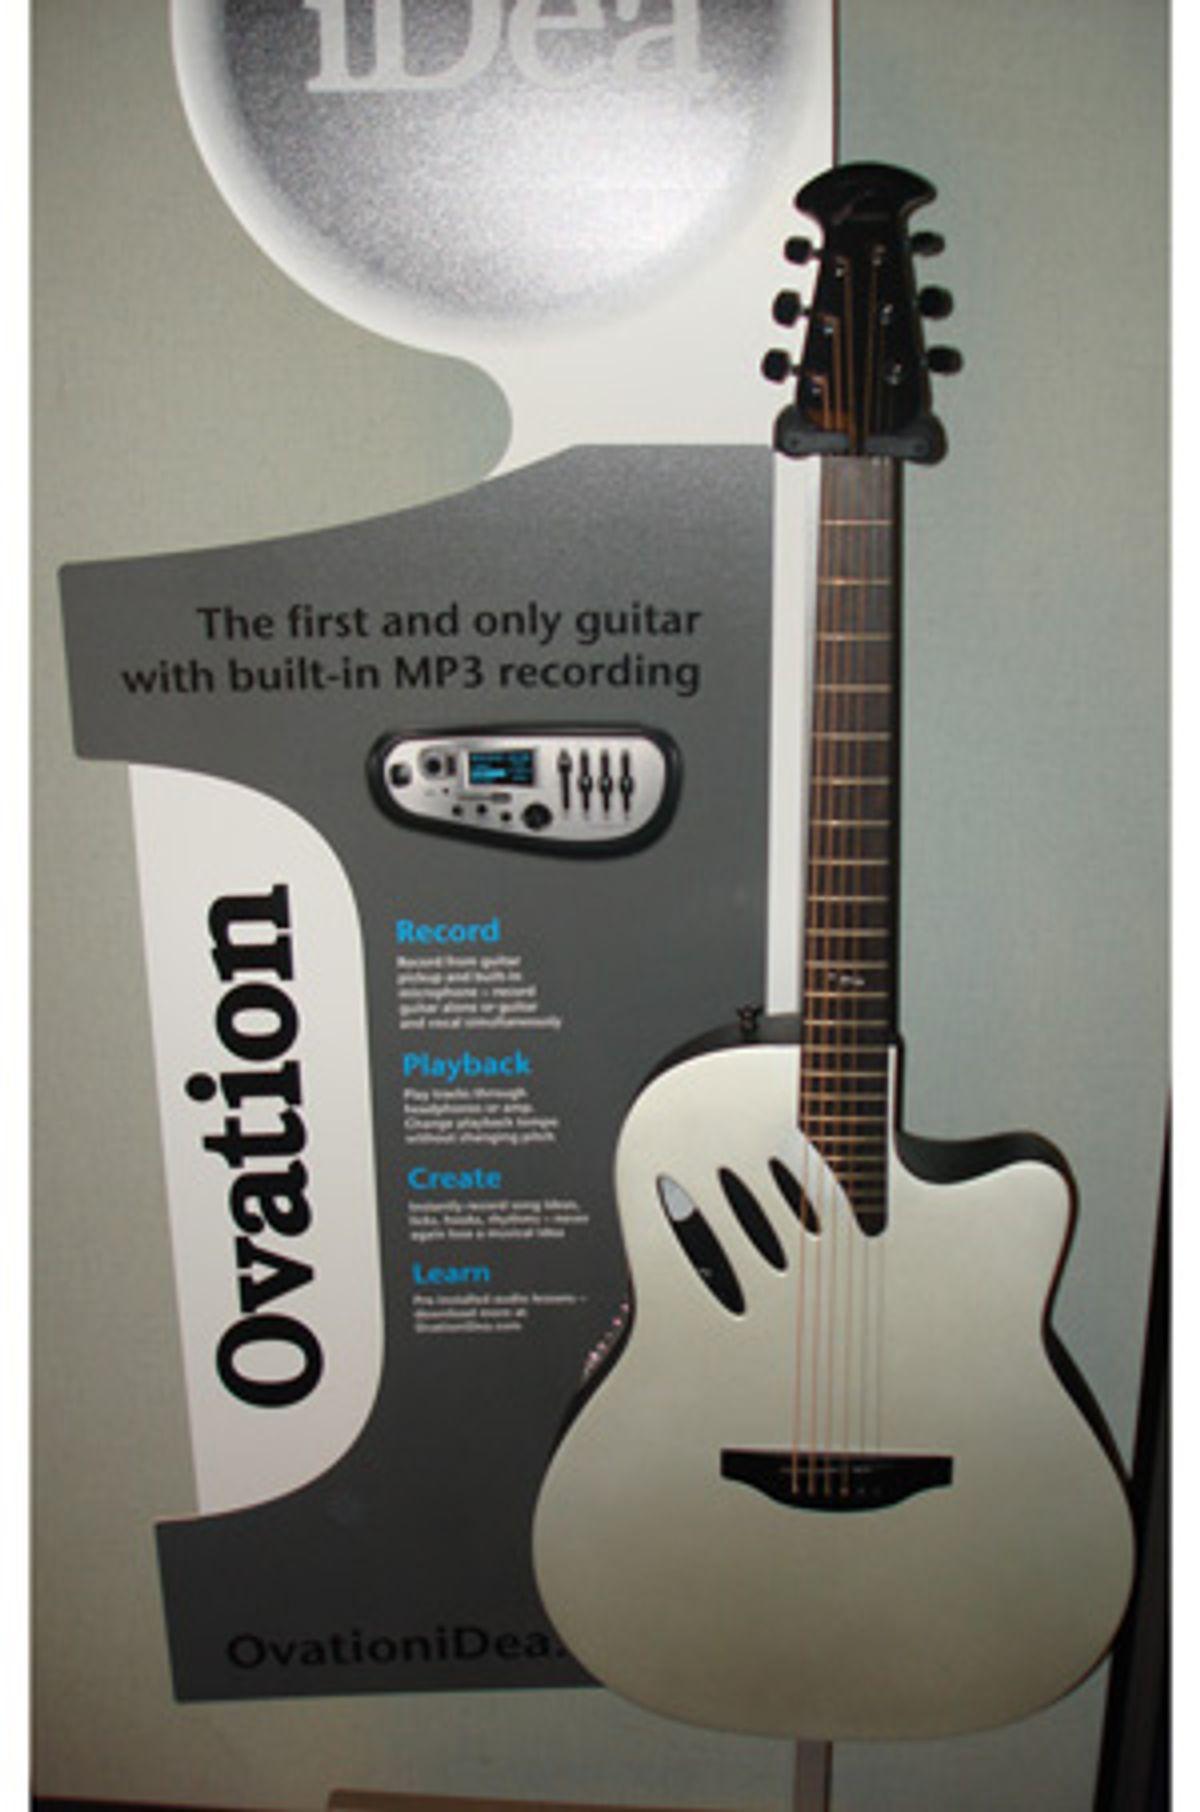 Ovation Releases iDea Guitar